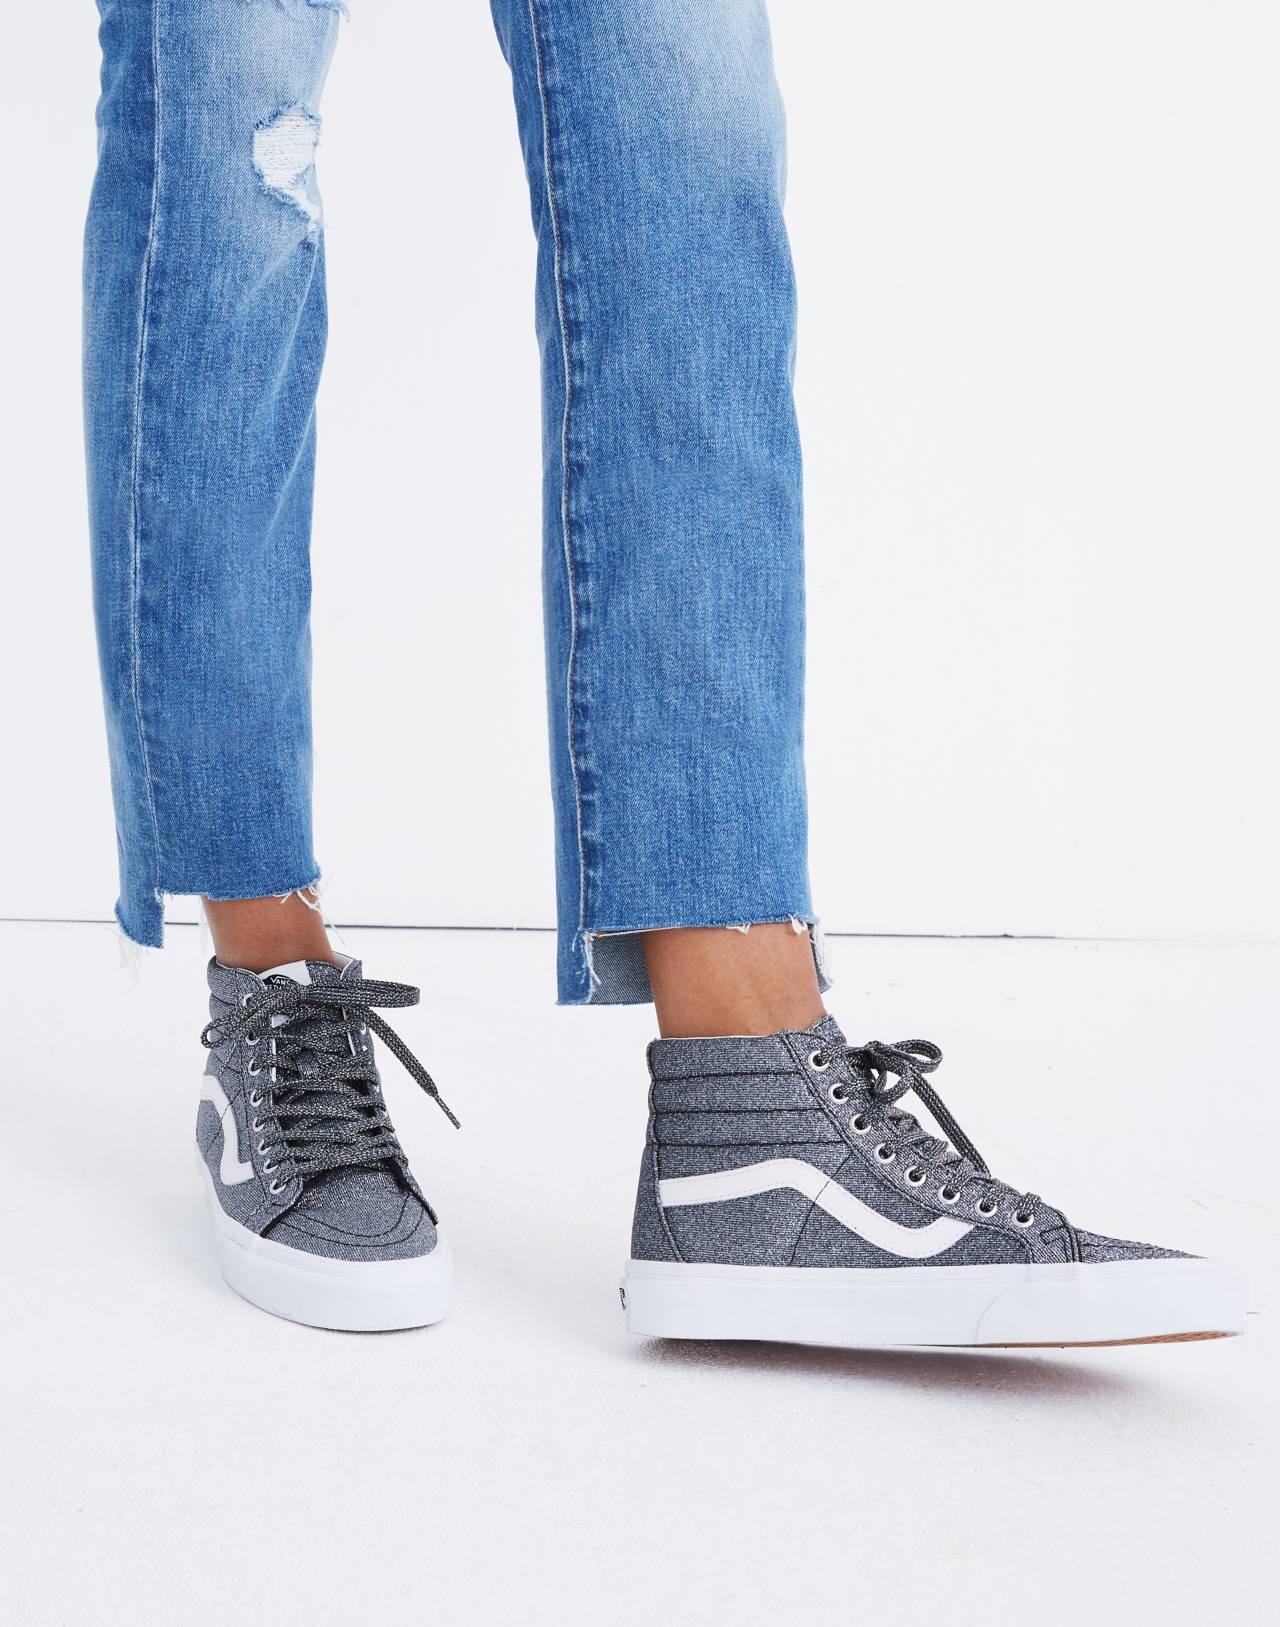 Vans® Unisex SK8-Hi Reissue High-Top Sneakers in Black Glitter in black image 2